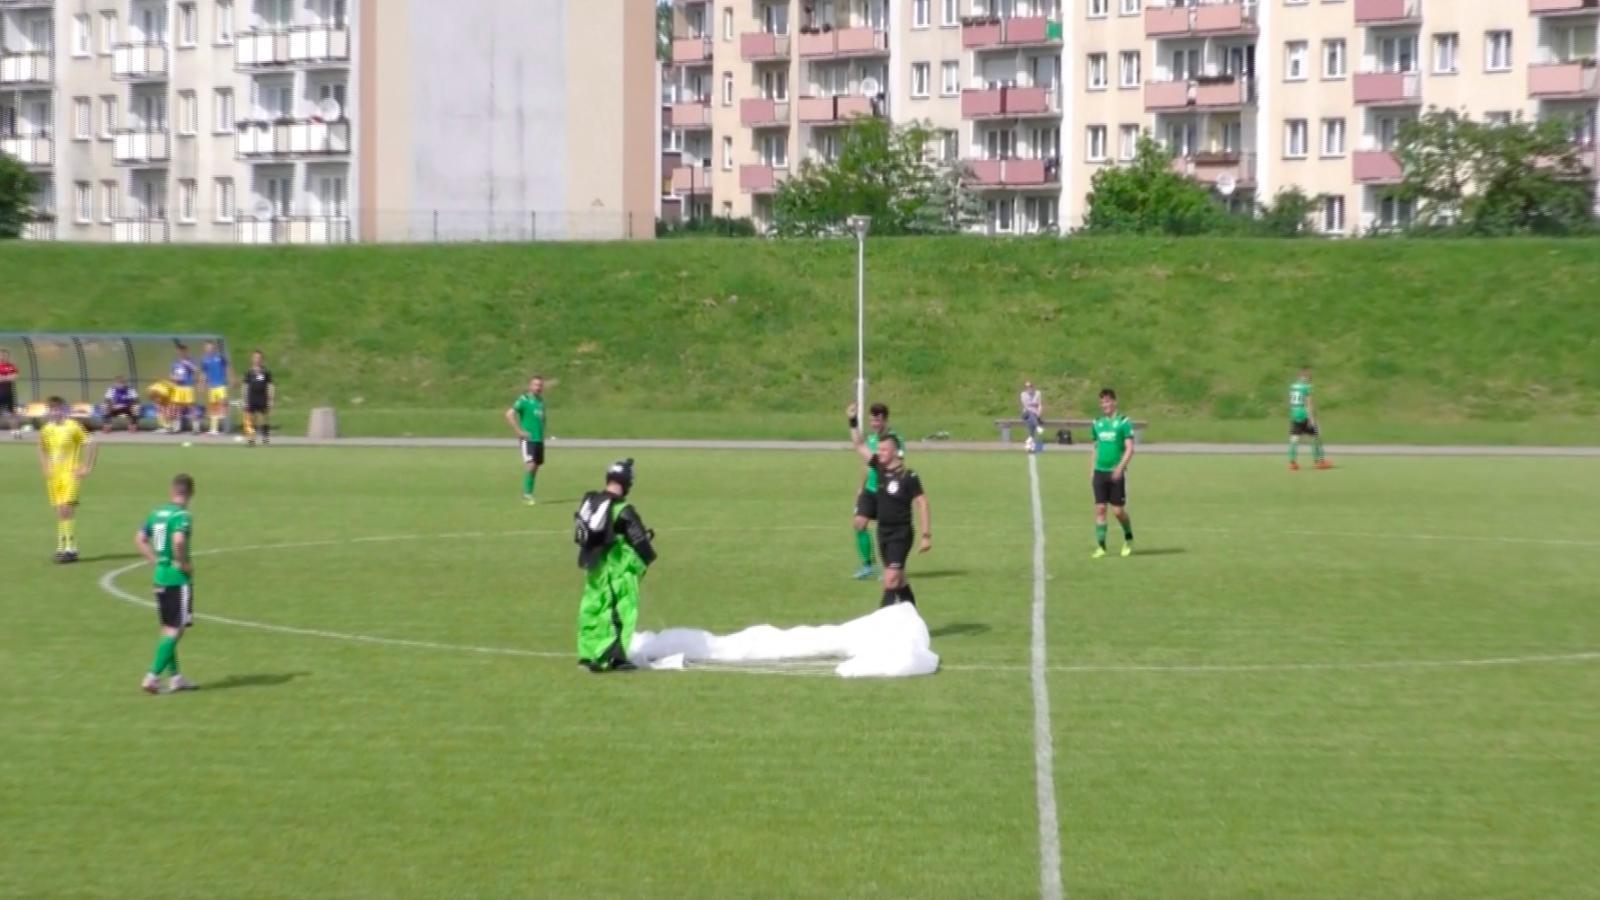 Inesperada caída de un paracaidista en un estadio de fútbol